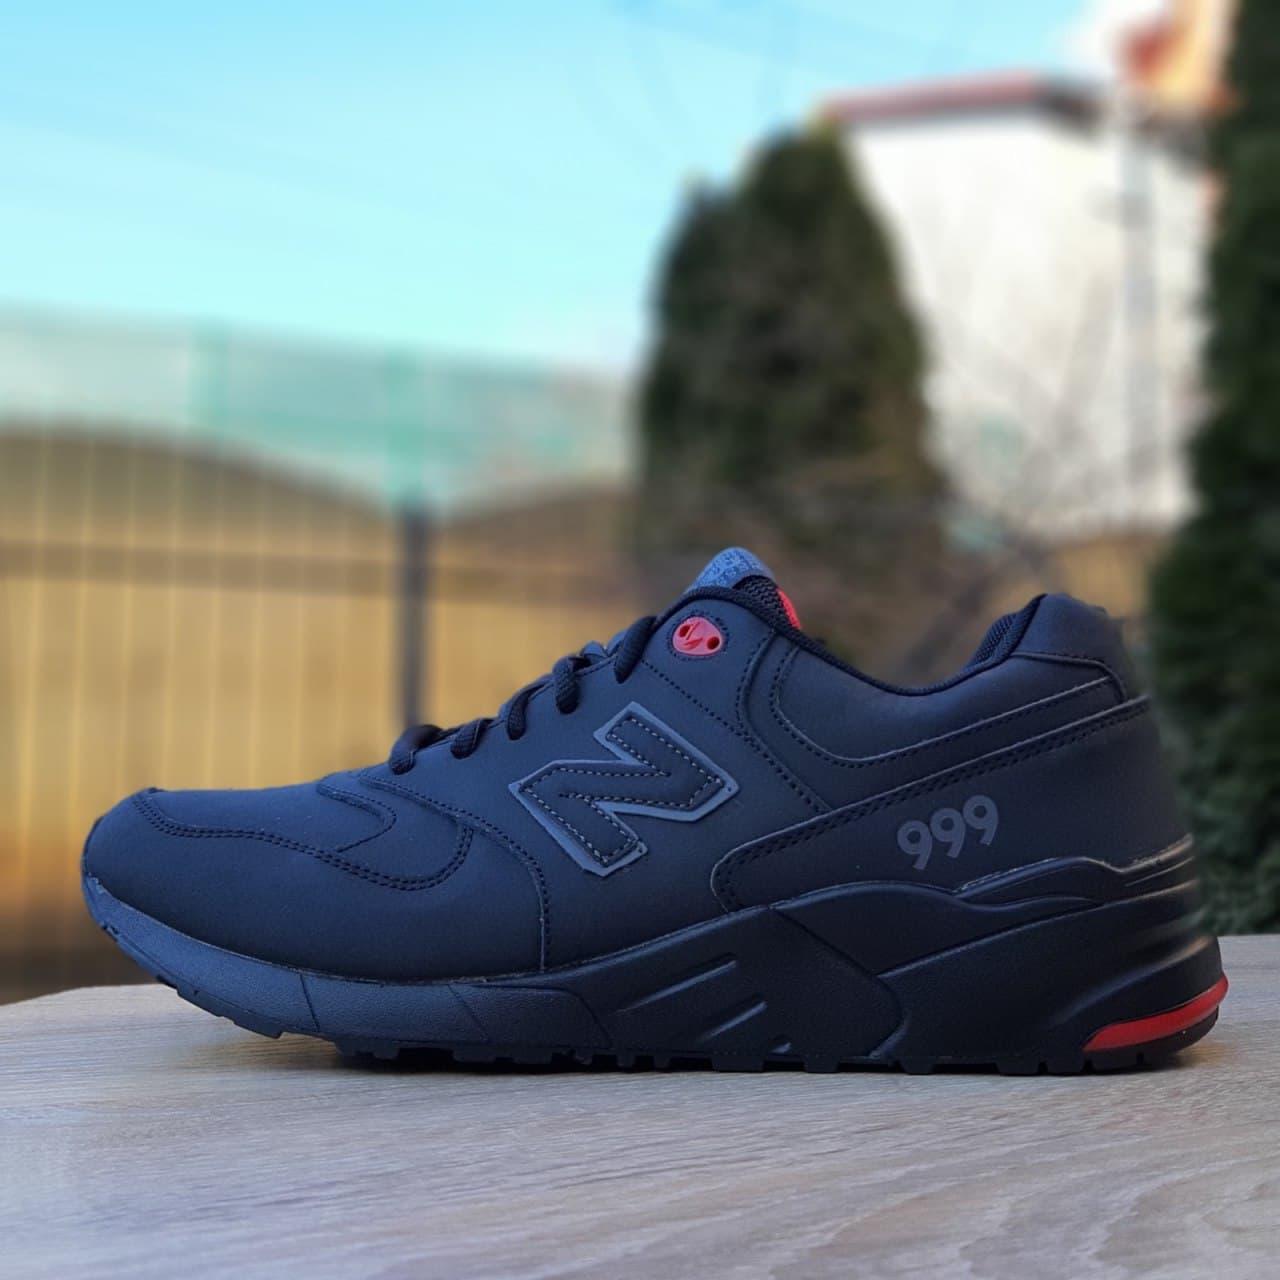 Кроссовки New  Balance 999 чёрные великаны 46 размер